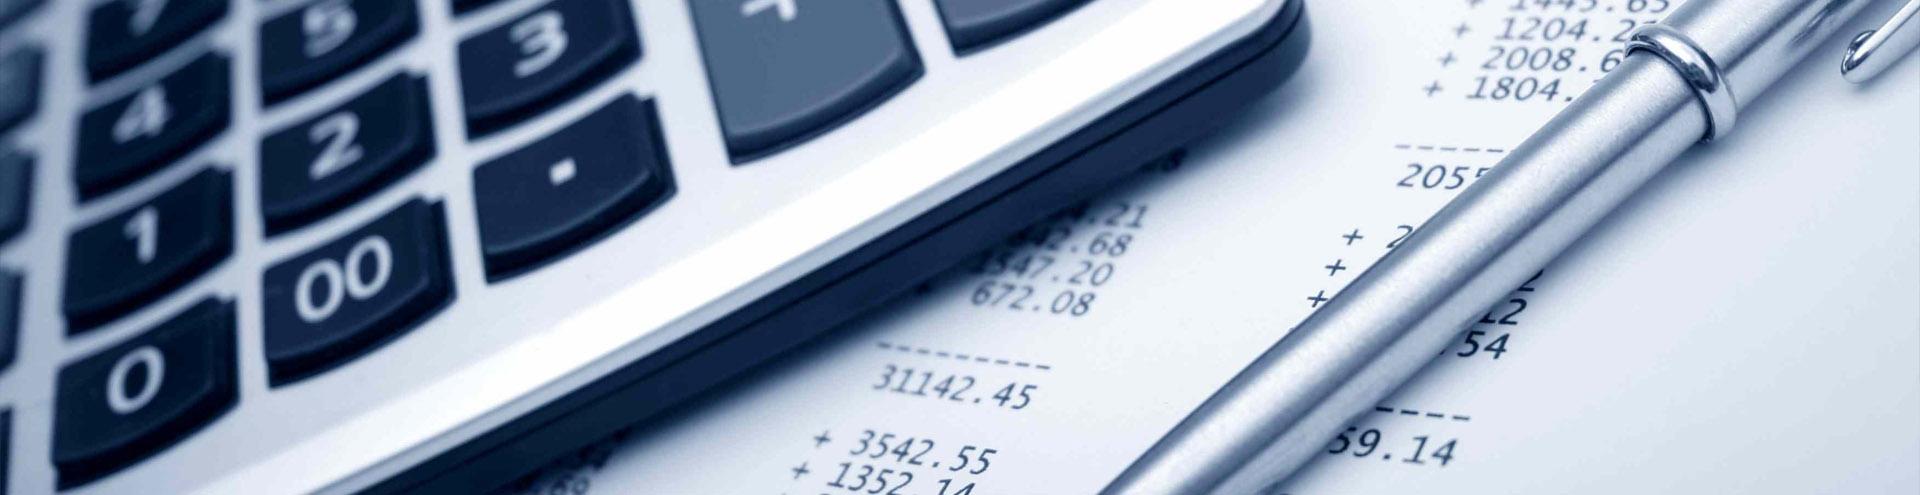 стоимость юридических услуг в Ижевске